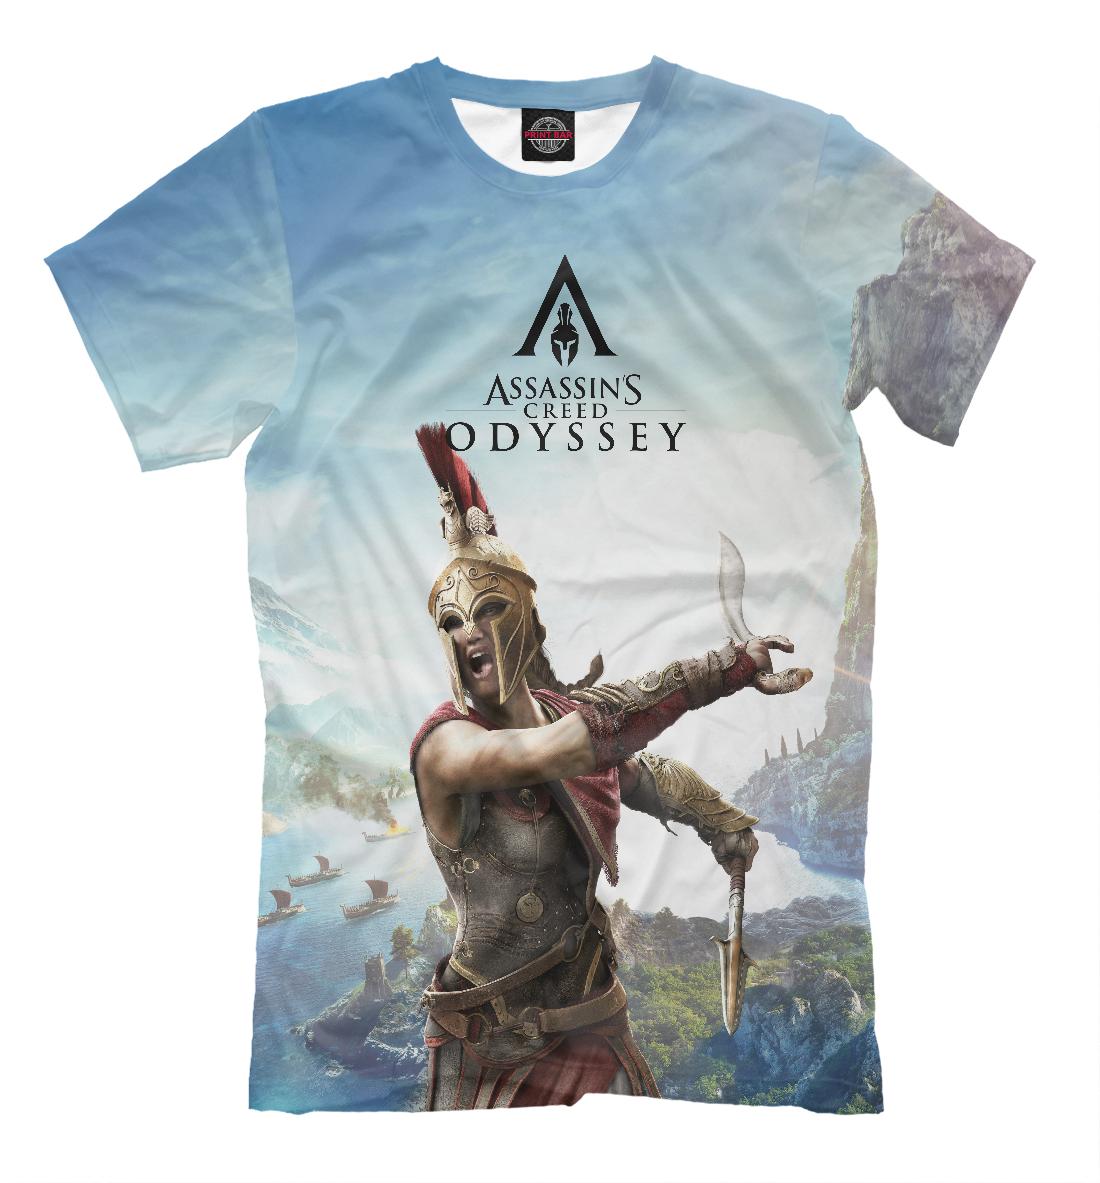 Купить Assassin's Creed Odyssey, Printbar, Футболки, ANC-270238-fut-2